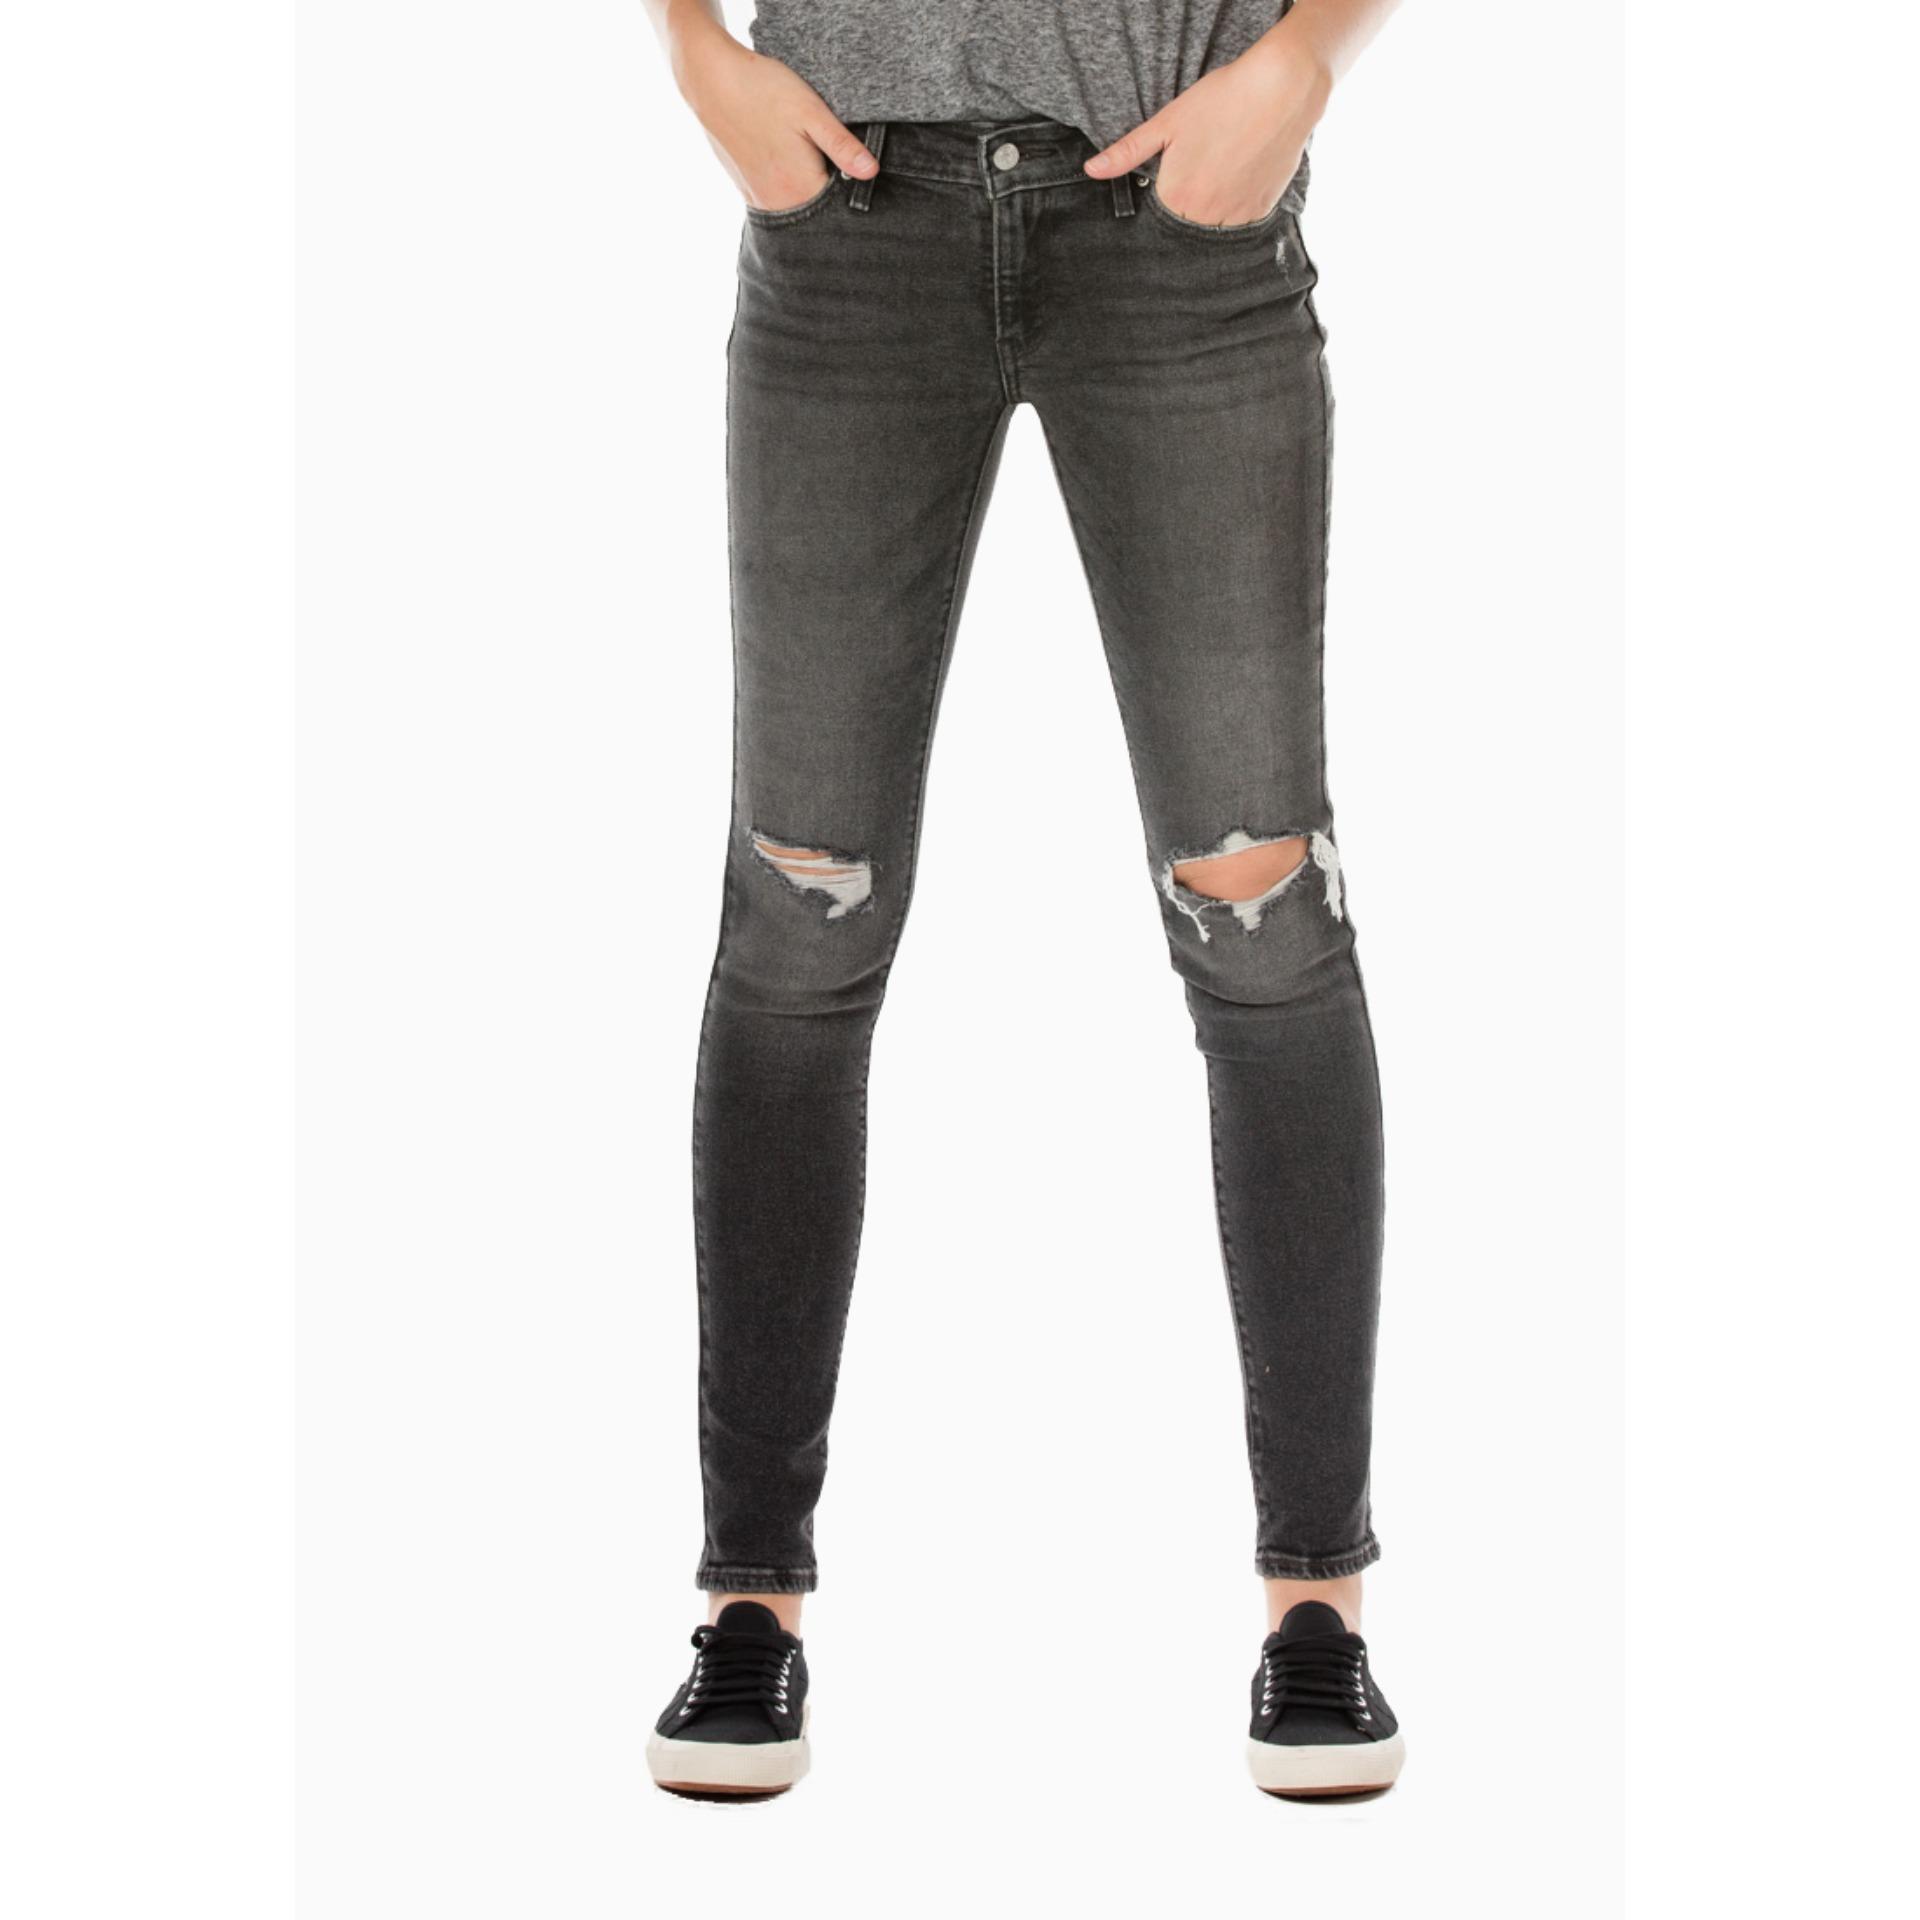 Levi's 711 Skinny Jeans - Bandit Black LVSRAYA10